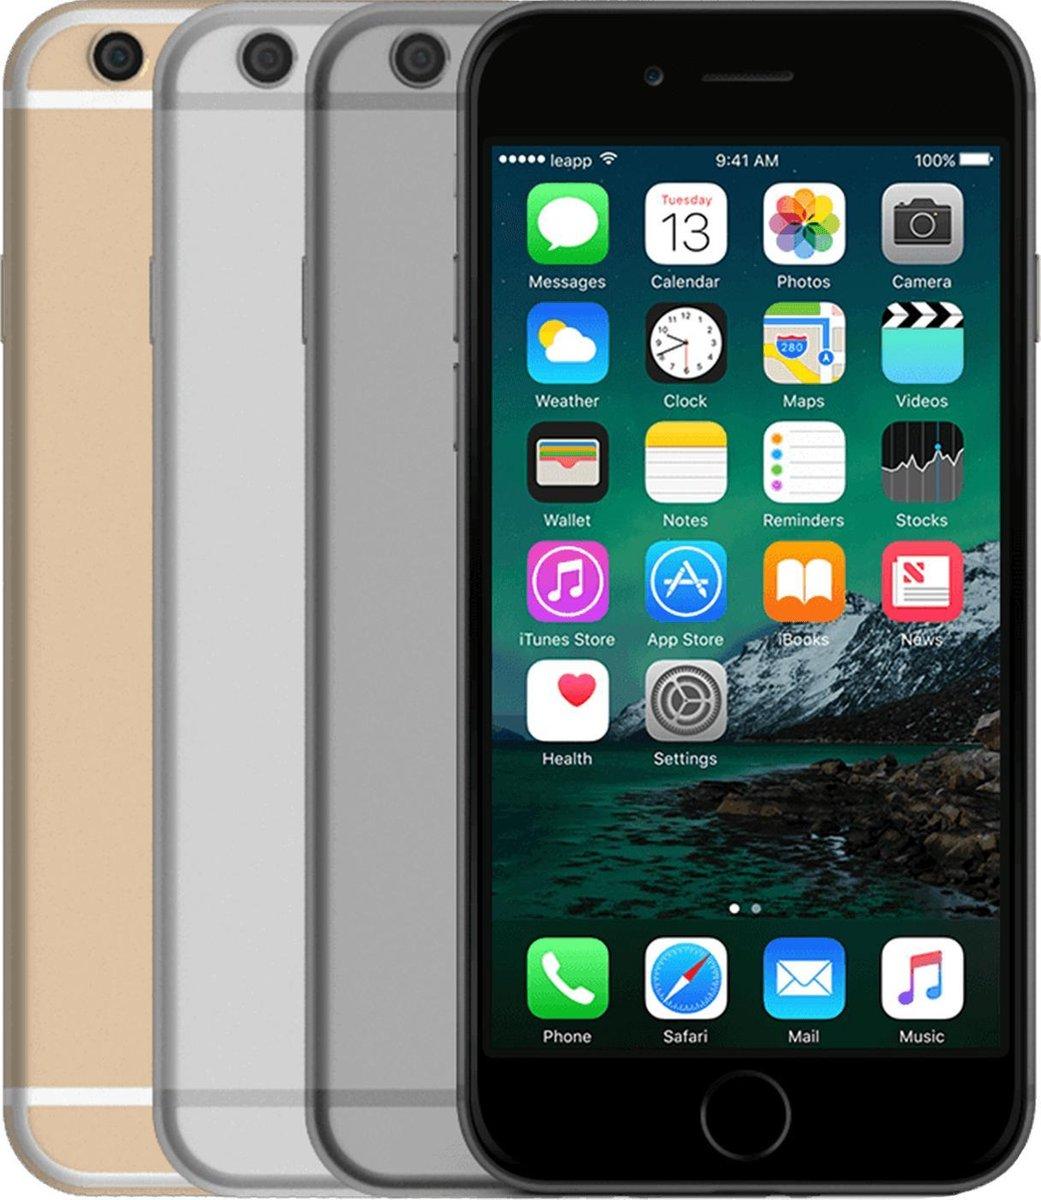 Apple iPhone 6s - Refurbished door Leapp - B grade (Lichte gebruikssporen) - 64GB - Rosegoud